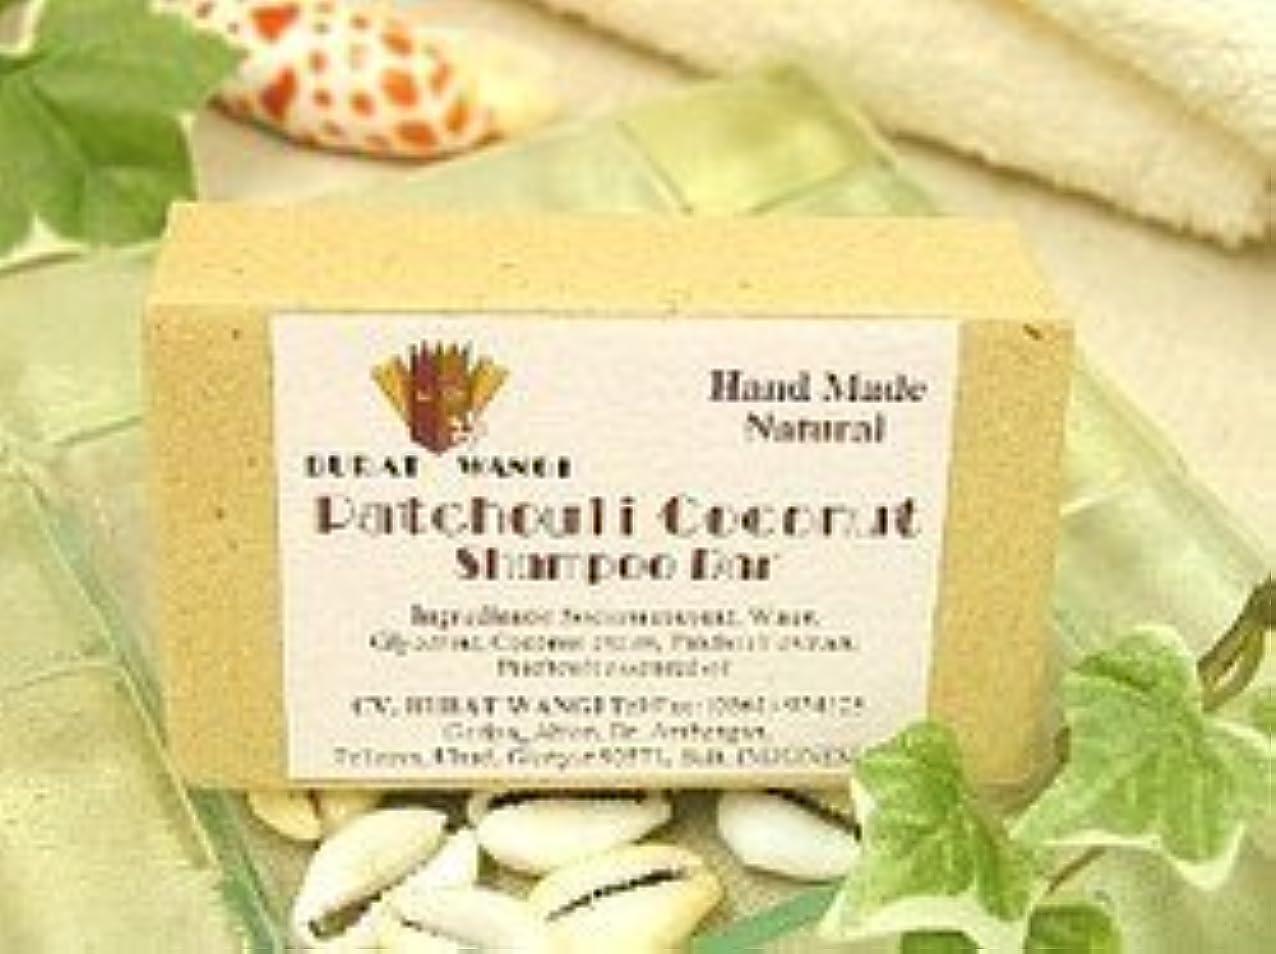 ご意見書誌株式会社パチュリー シャンプーバー ブラットワンギ 手作り 純石鹸 アジアン雑貨